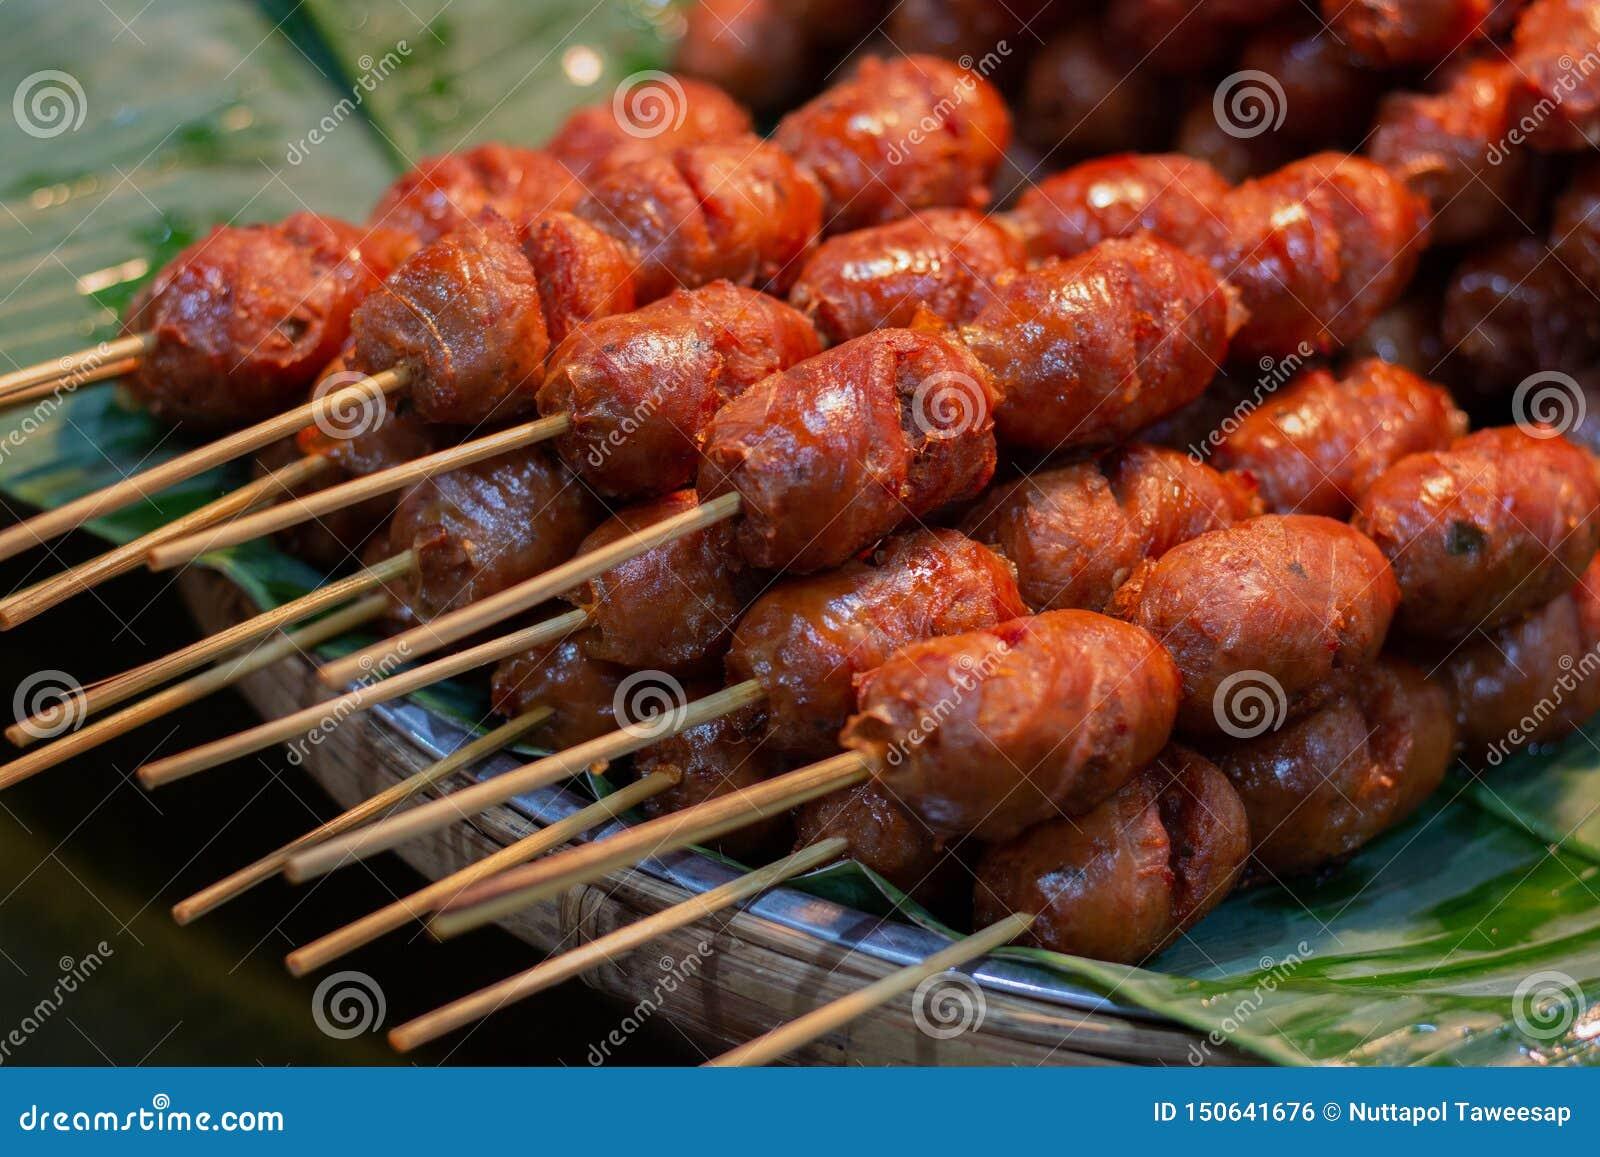 Thai food pork sausage , Thai hotdog